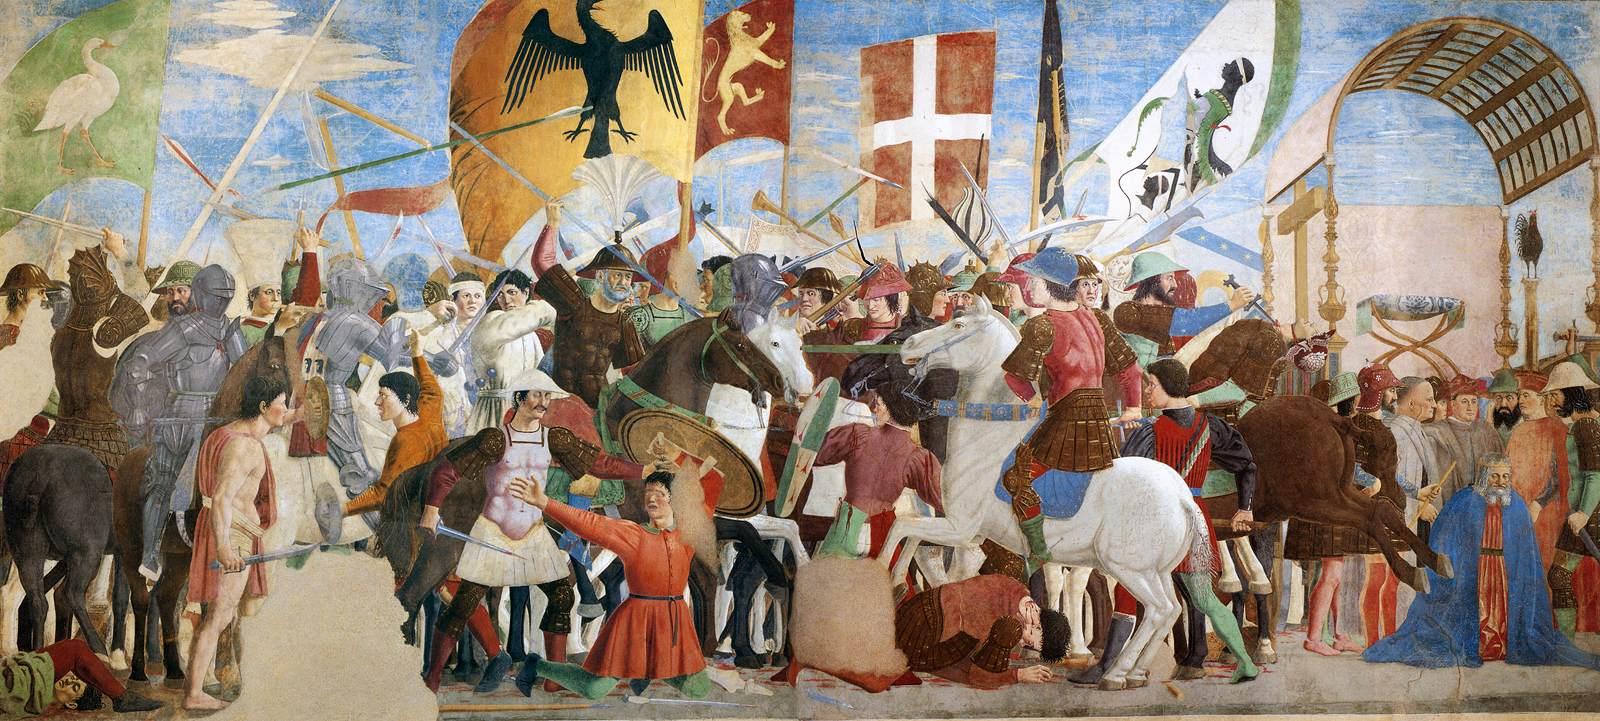 Piero della Francesca,Battaglia di Eraclio e Cosroè, affresco, 356 x 747 cm, Basilica di San Francesco, Arezzo